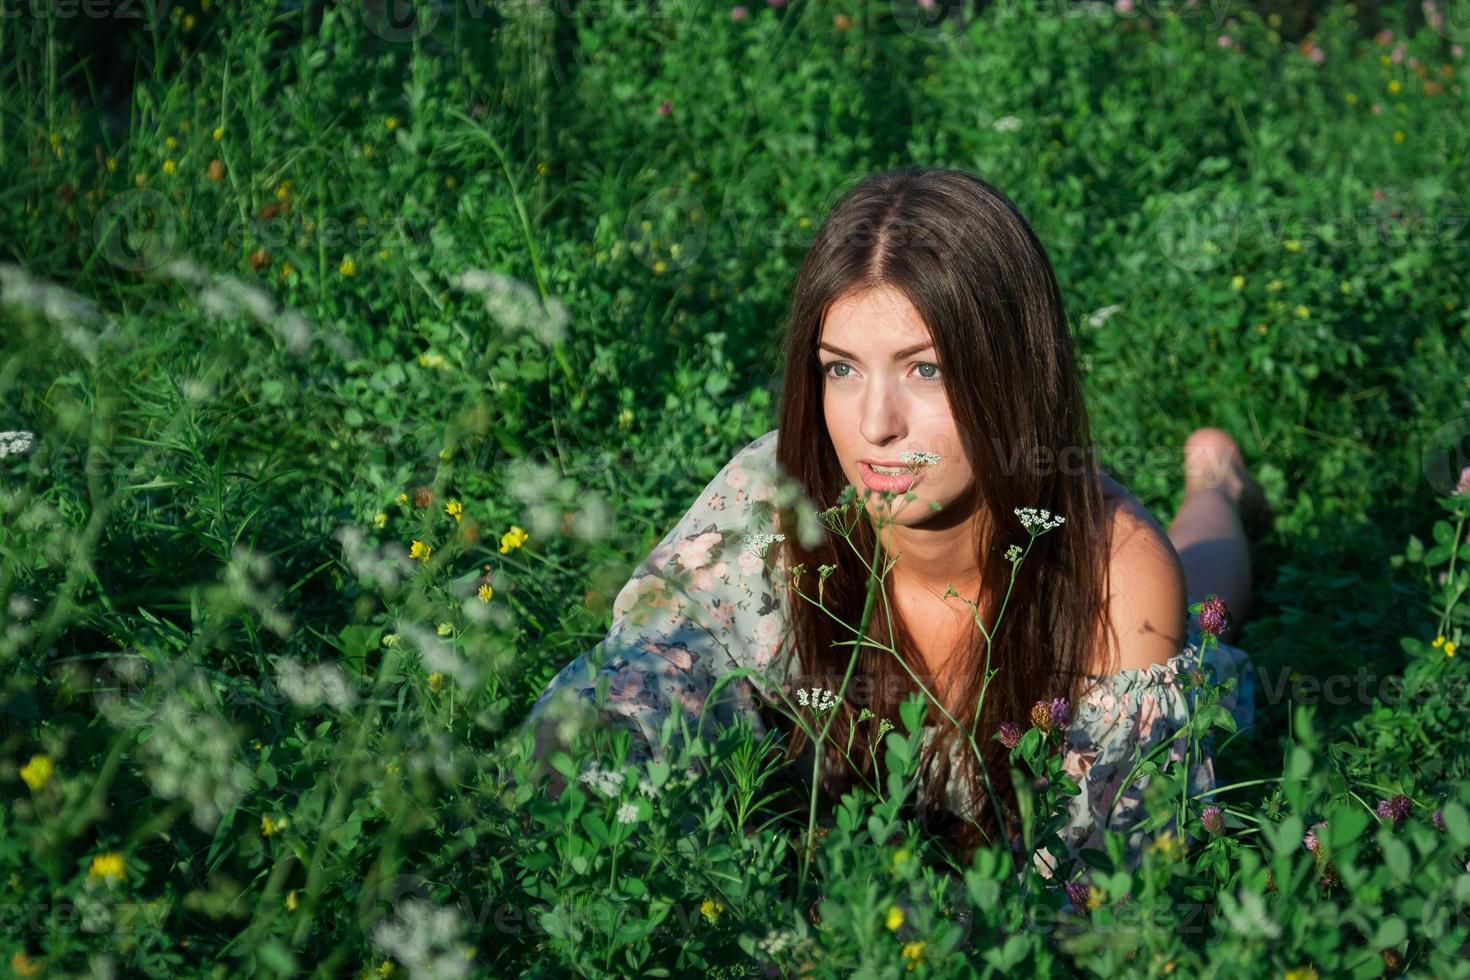 leuk meisje tussen groen gras en bloemen foto